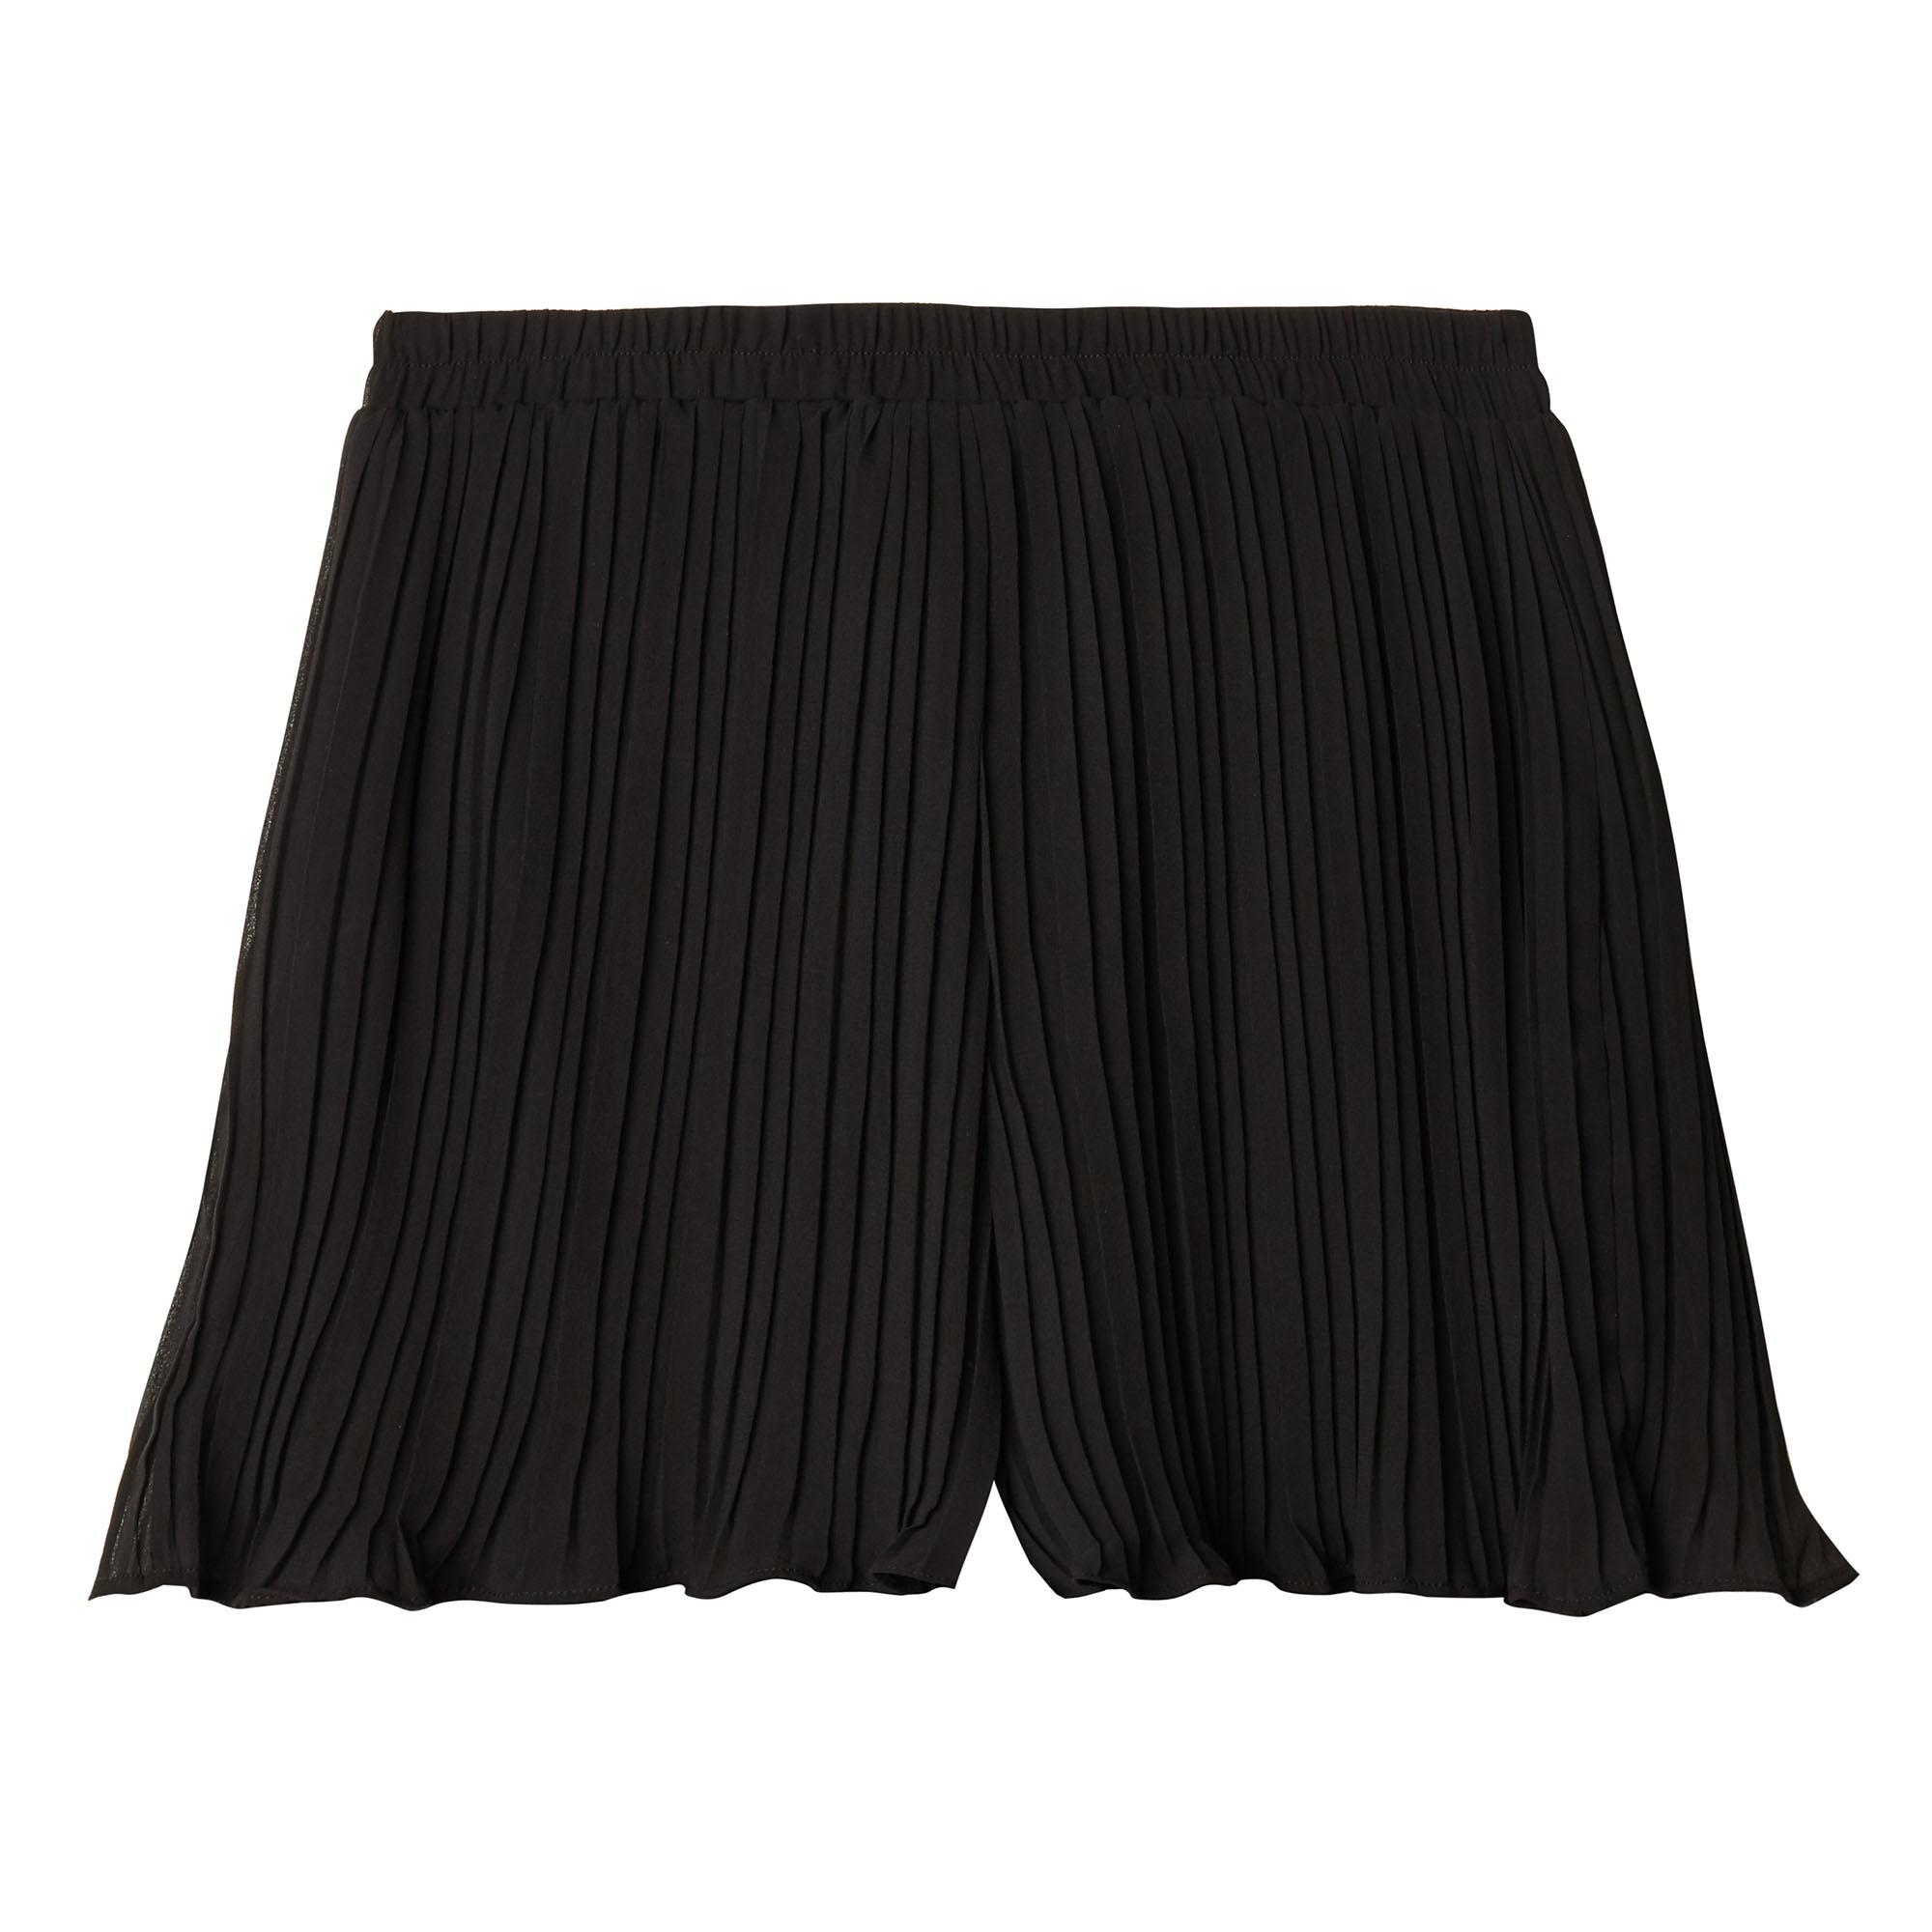 YW Maneau Short Black